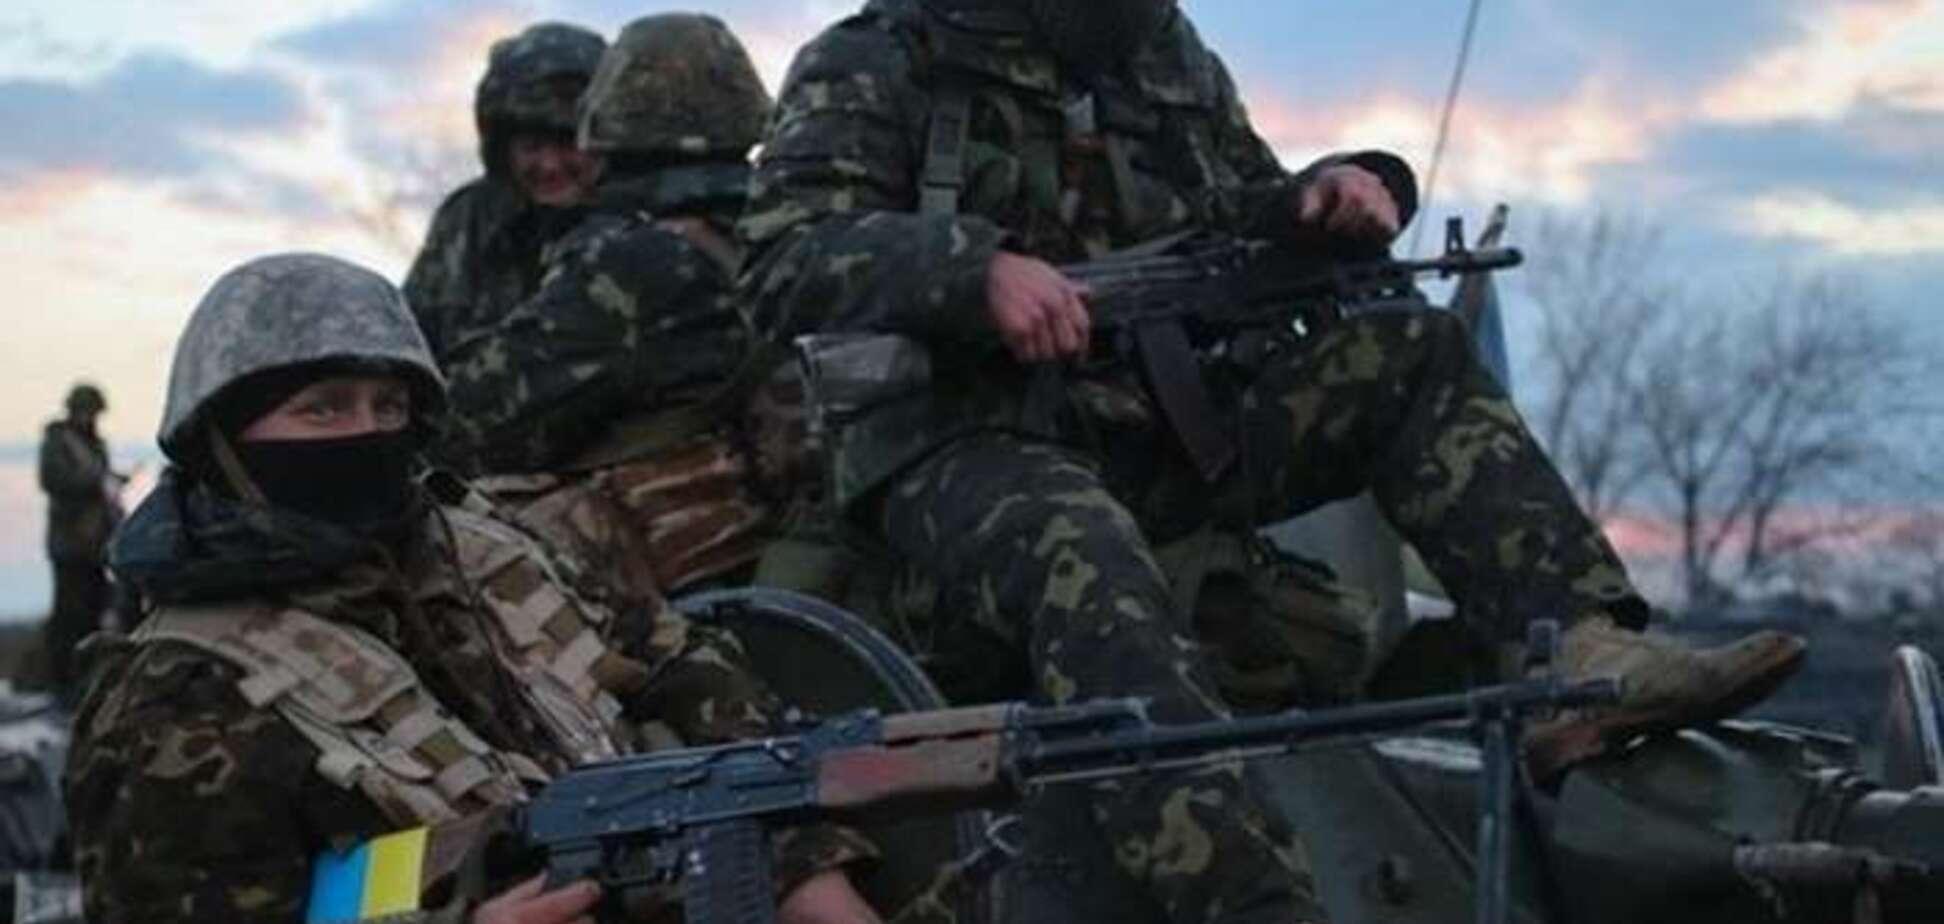 Україна готує реванш на Донбасі: в Росії закотили істерику